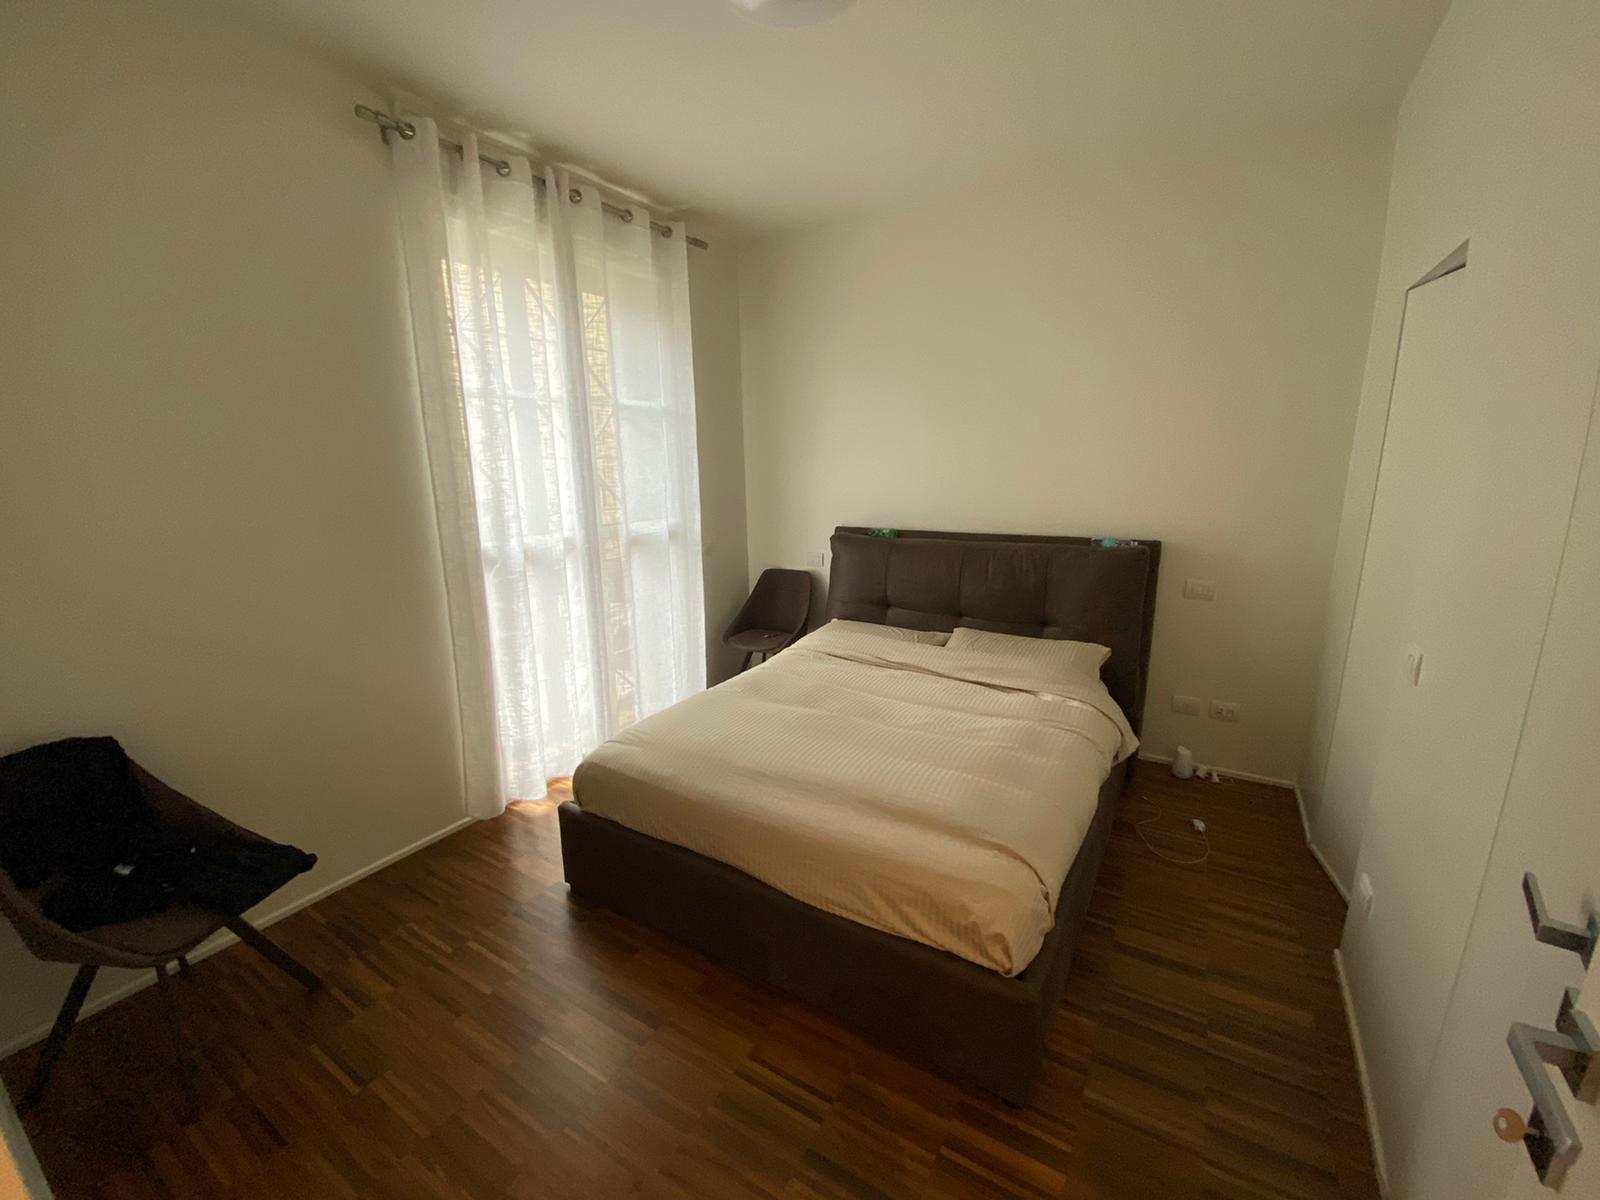 Appartamento-in-vendita-3-tre-locali-terrazzo-giardino-nuova-costruzione-spaziourbano-immobiliare-vende-milano-7